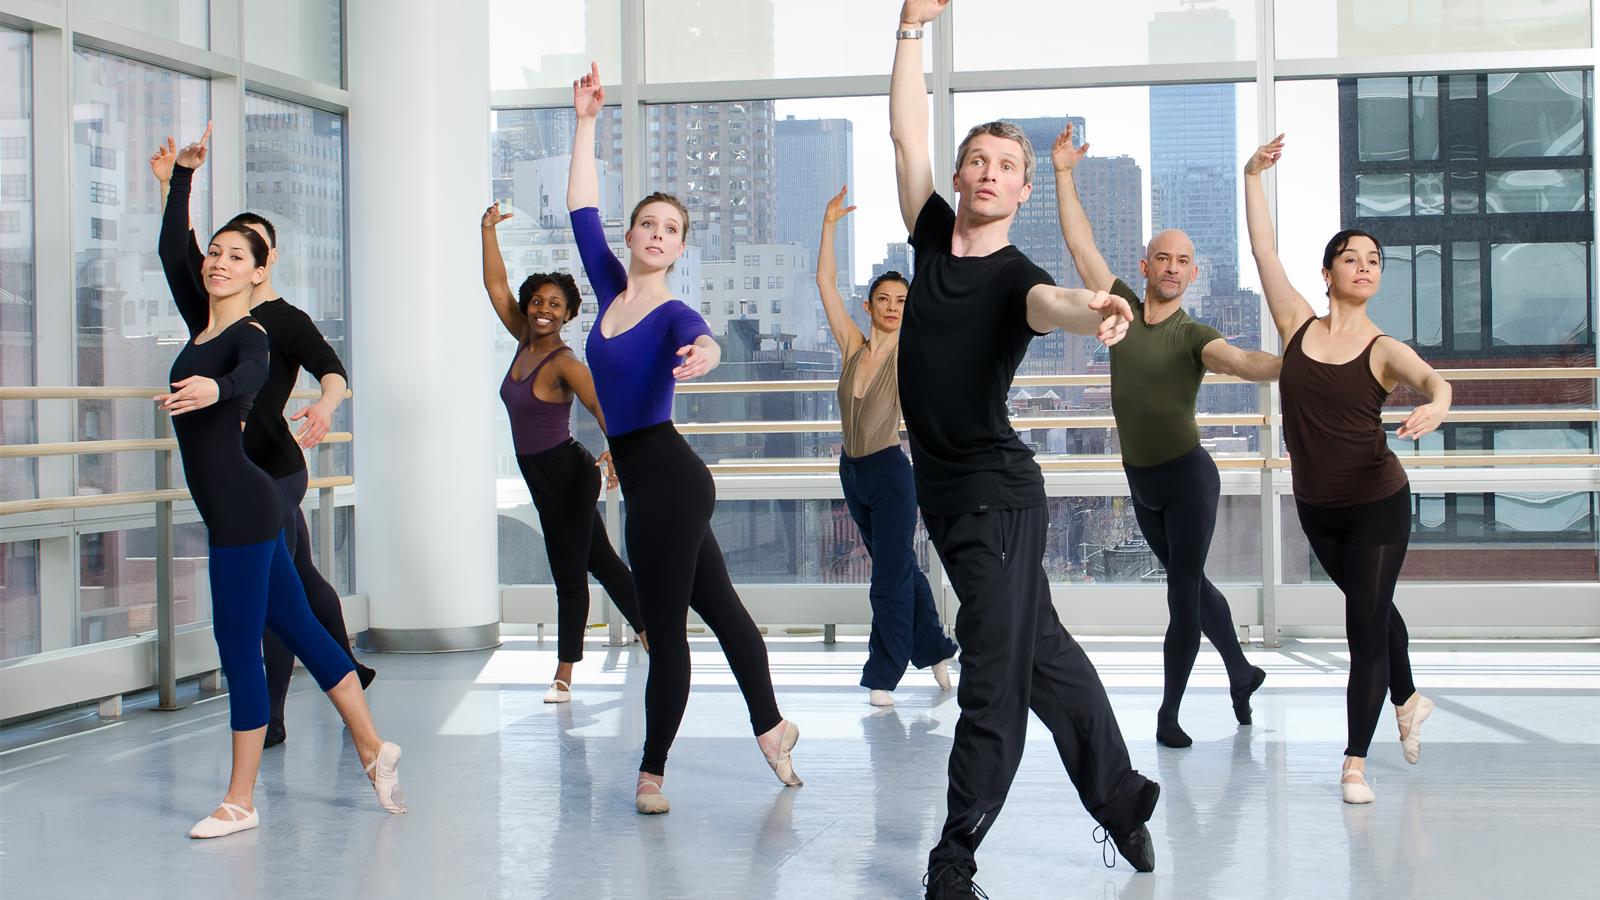 танцевальные классы картинка